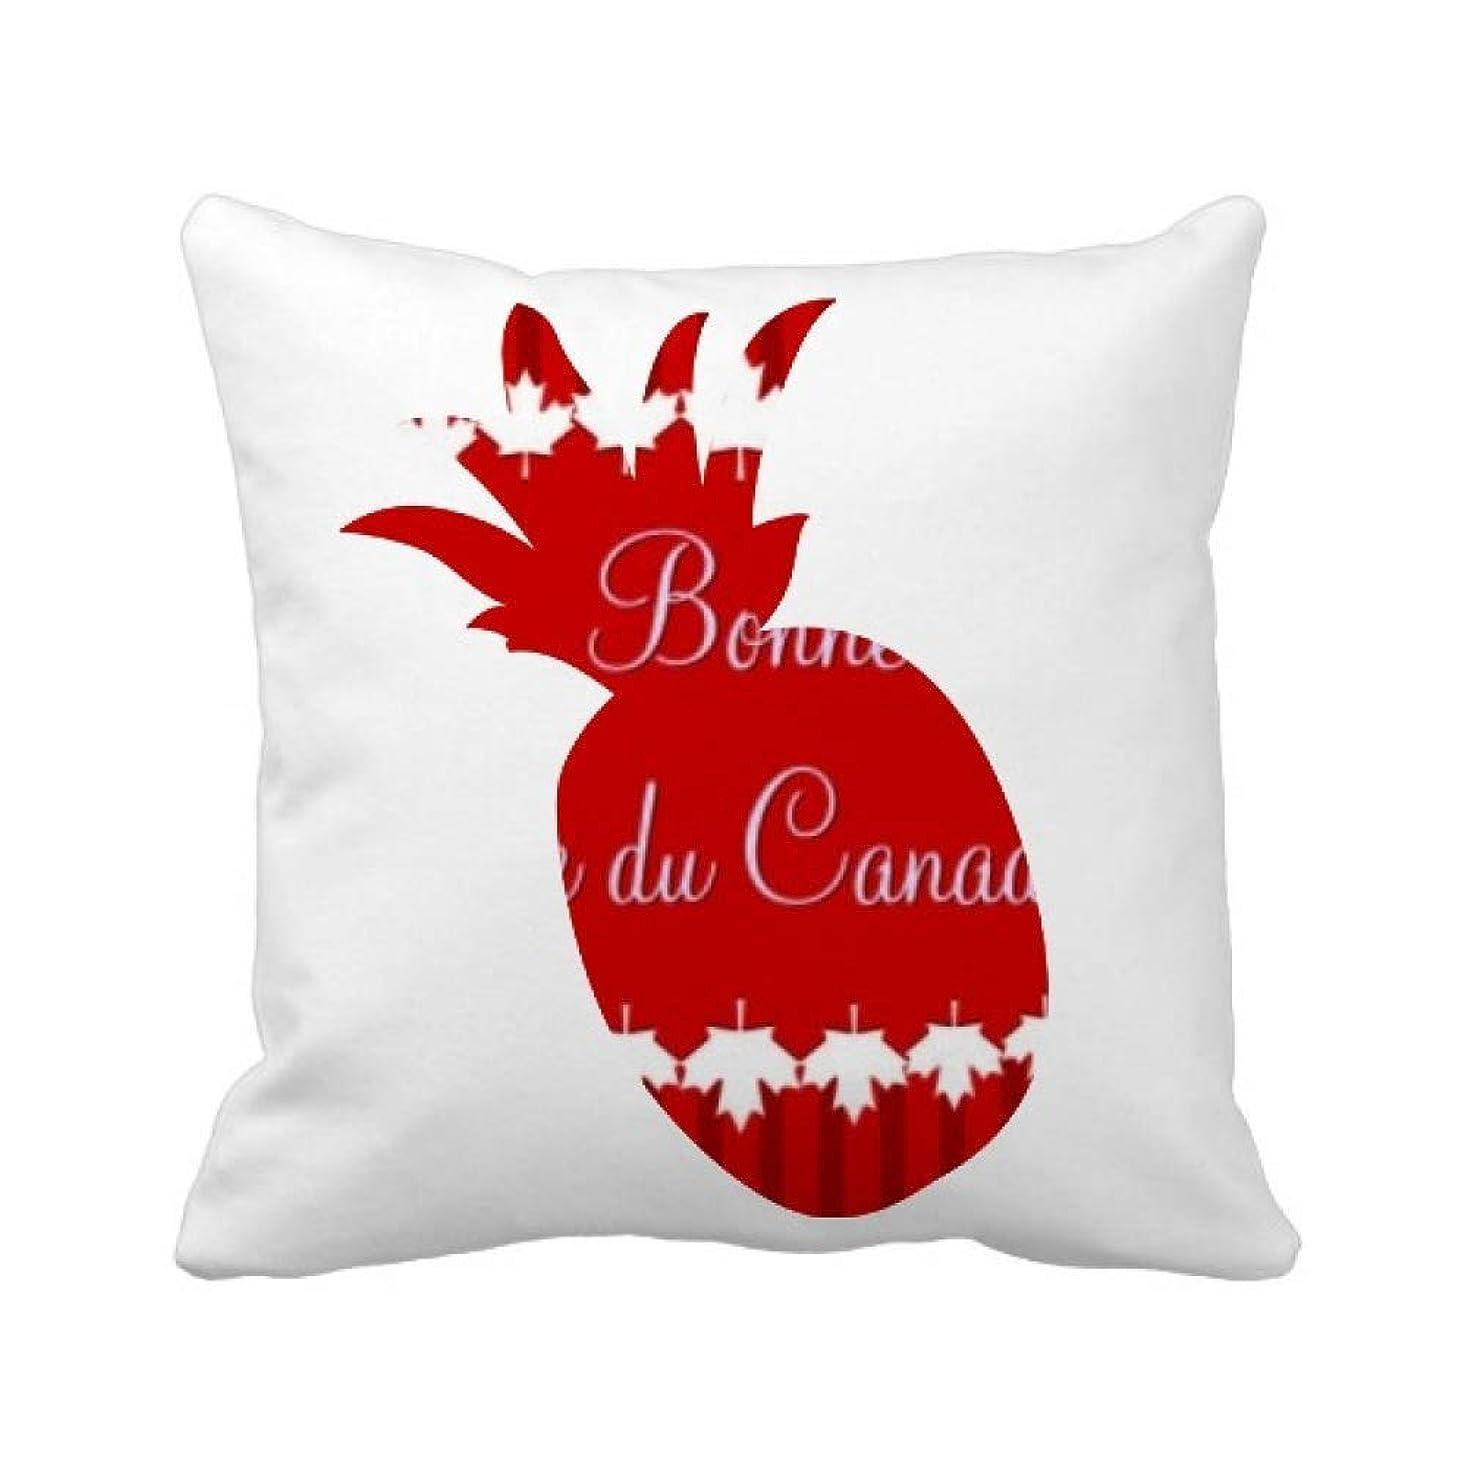 通り恥ずかしいマーガレットミッチェルカエデの葉カナダ日おめでとう7月4日 パイナップル枕カバー正方形を投げる 50cm x 50cm